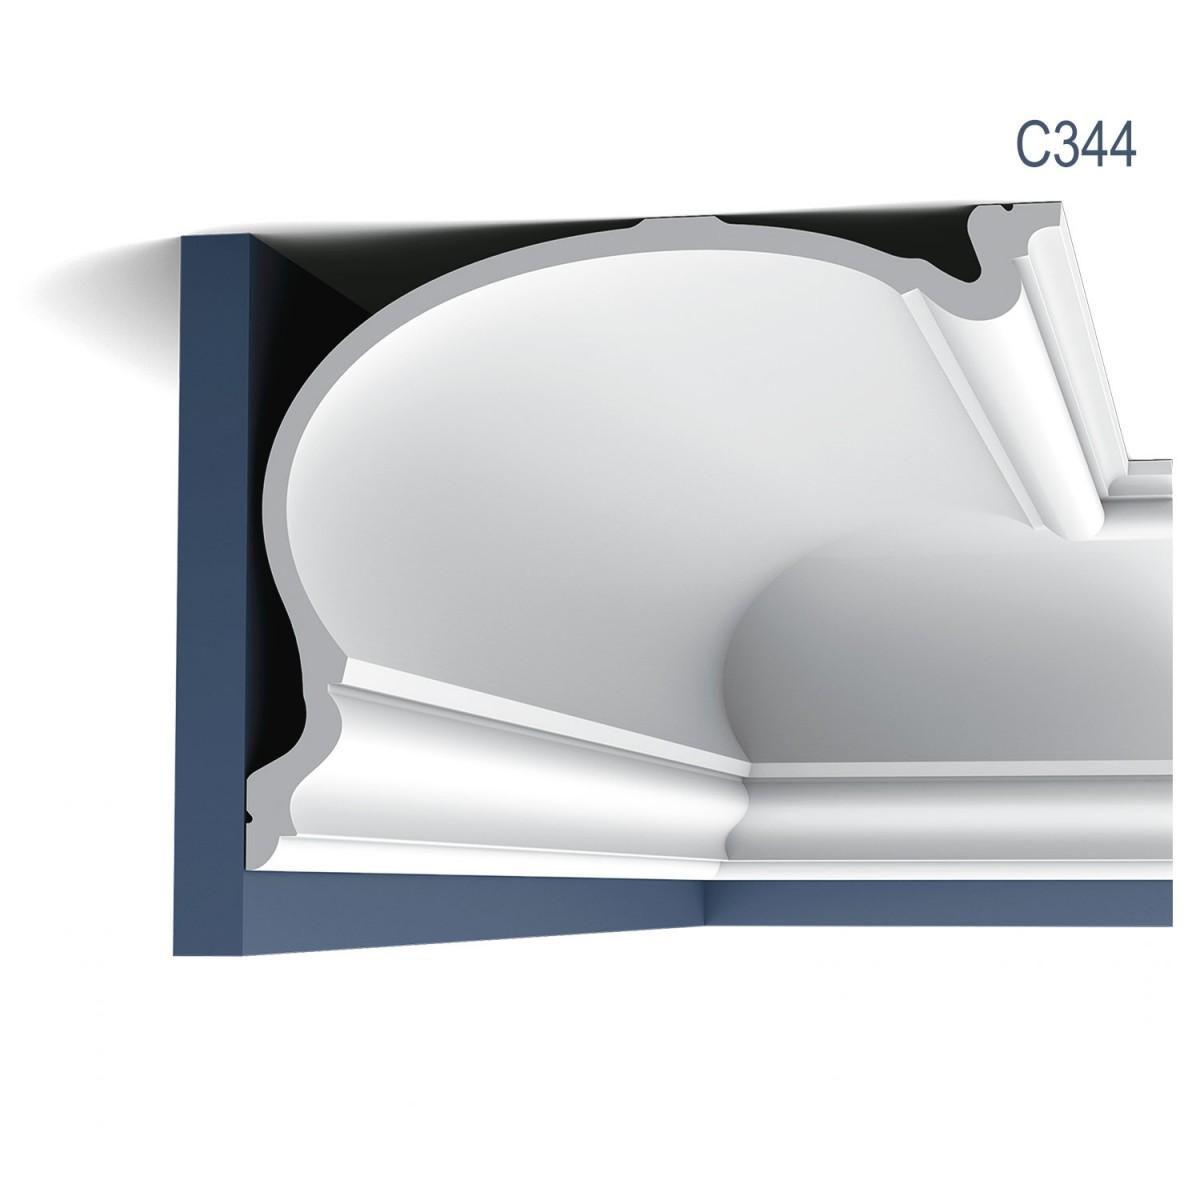 Cornisa Luxxus C344, Dimensiuni: 200 X 35 X 27.3 cm, Orac Decor